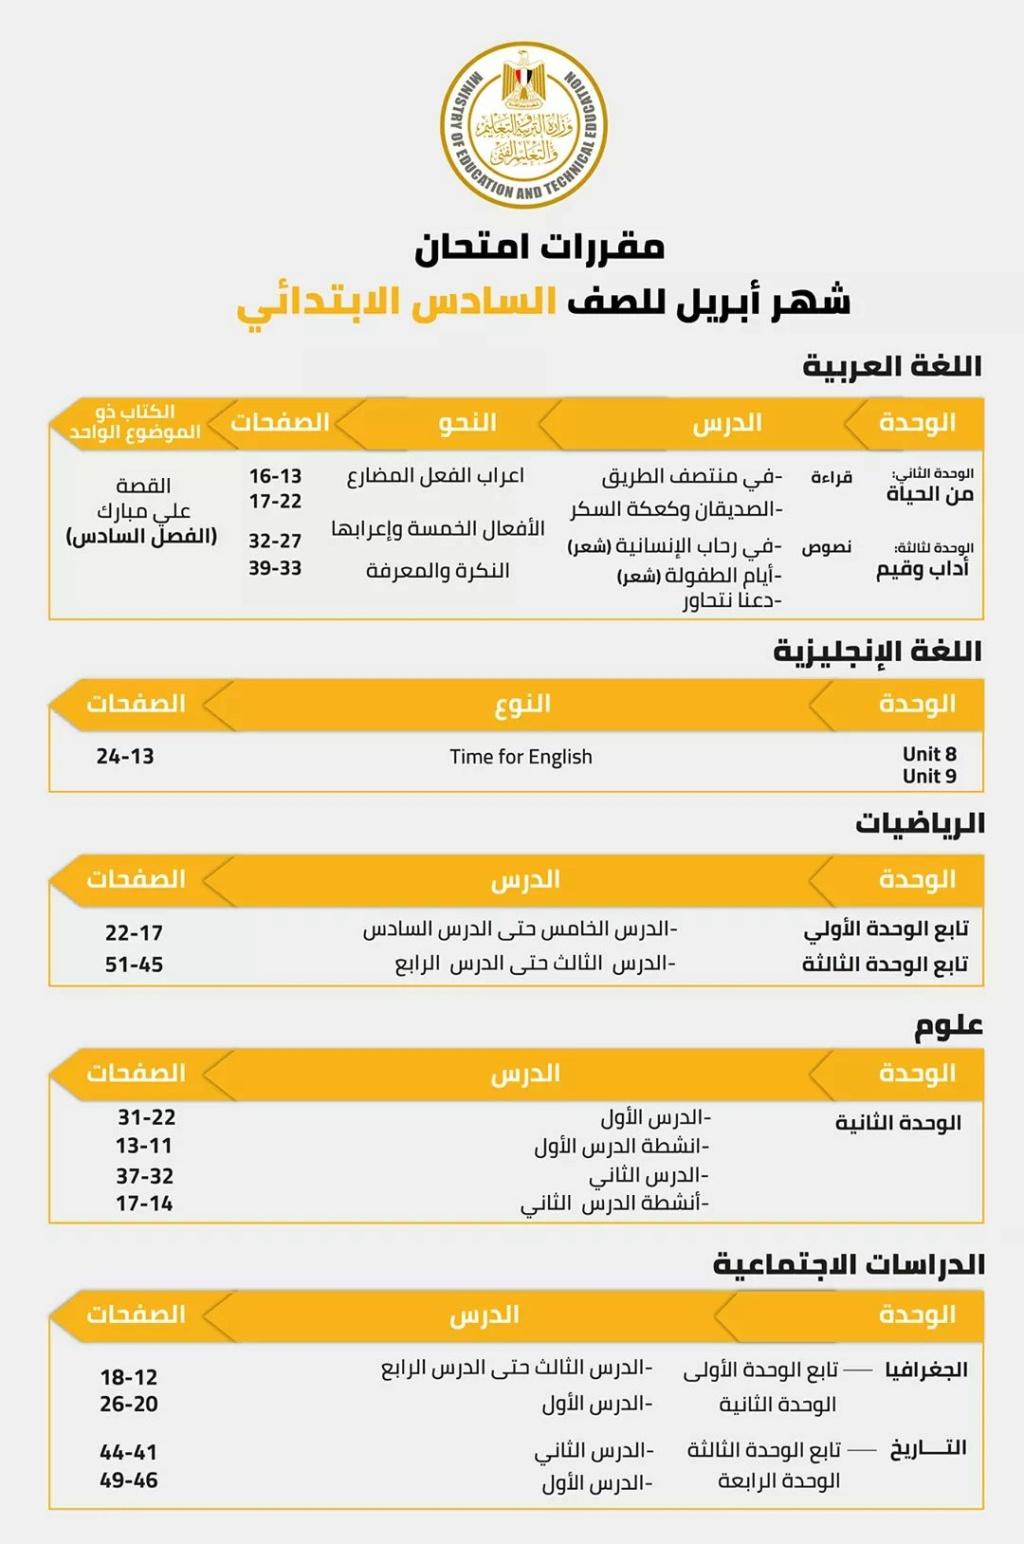 التعليم تنشر الموضوعات المدرجة فى امتحان إبريل 2021 لكل فرق ابتدائى و إعدادى  15809110